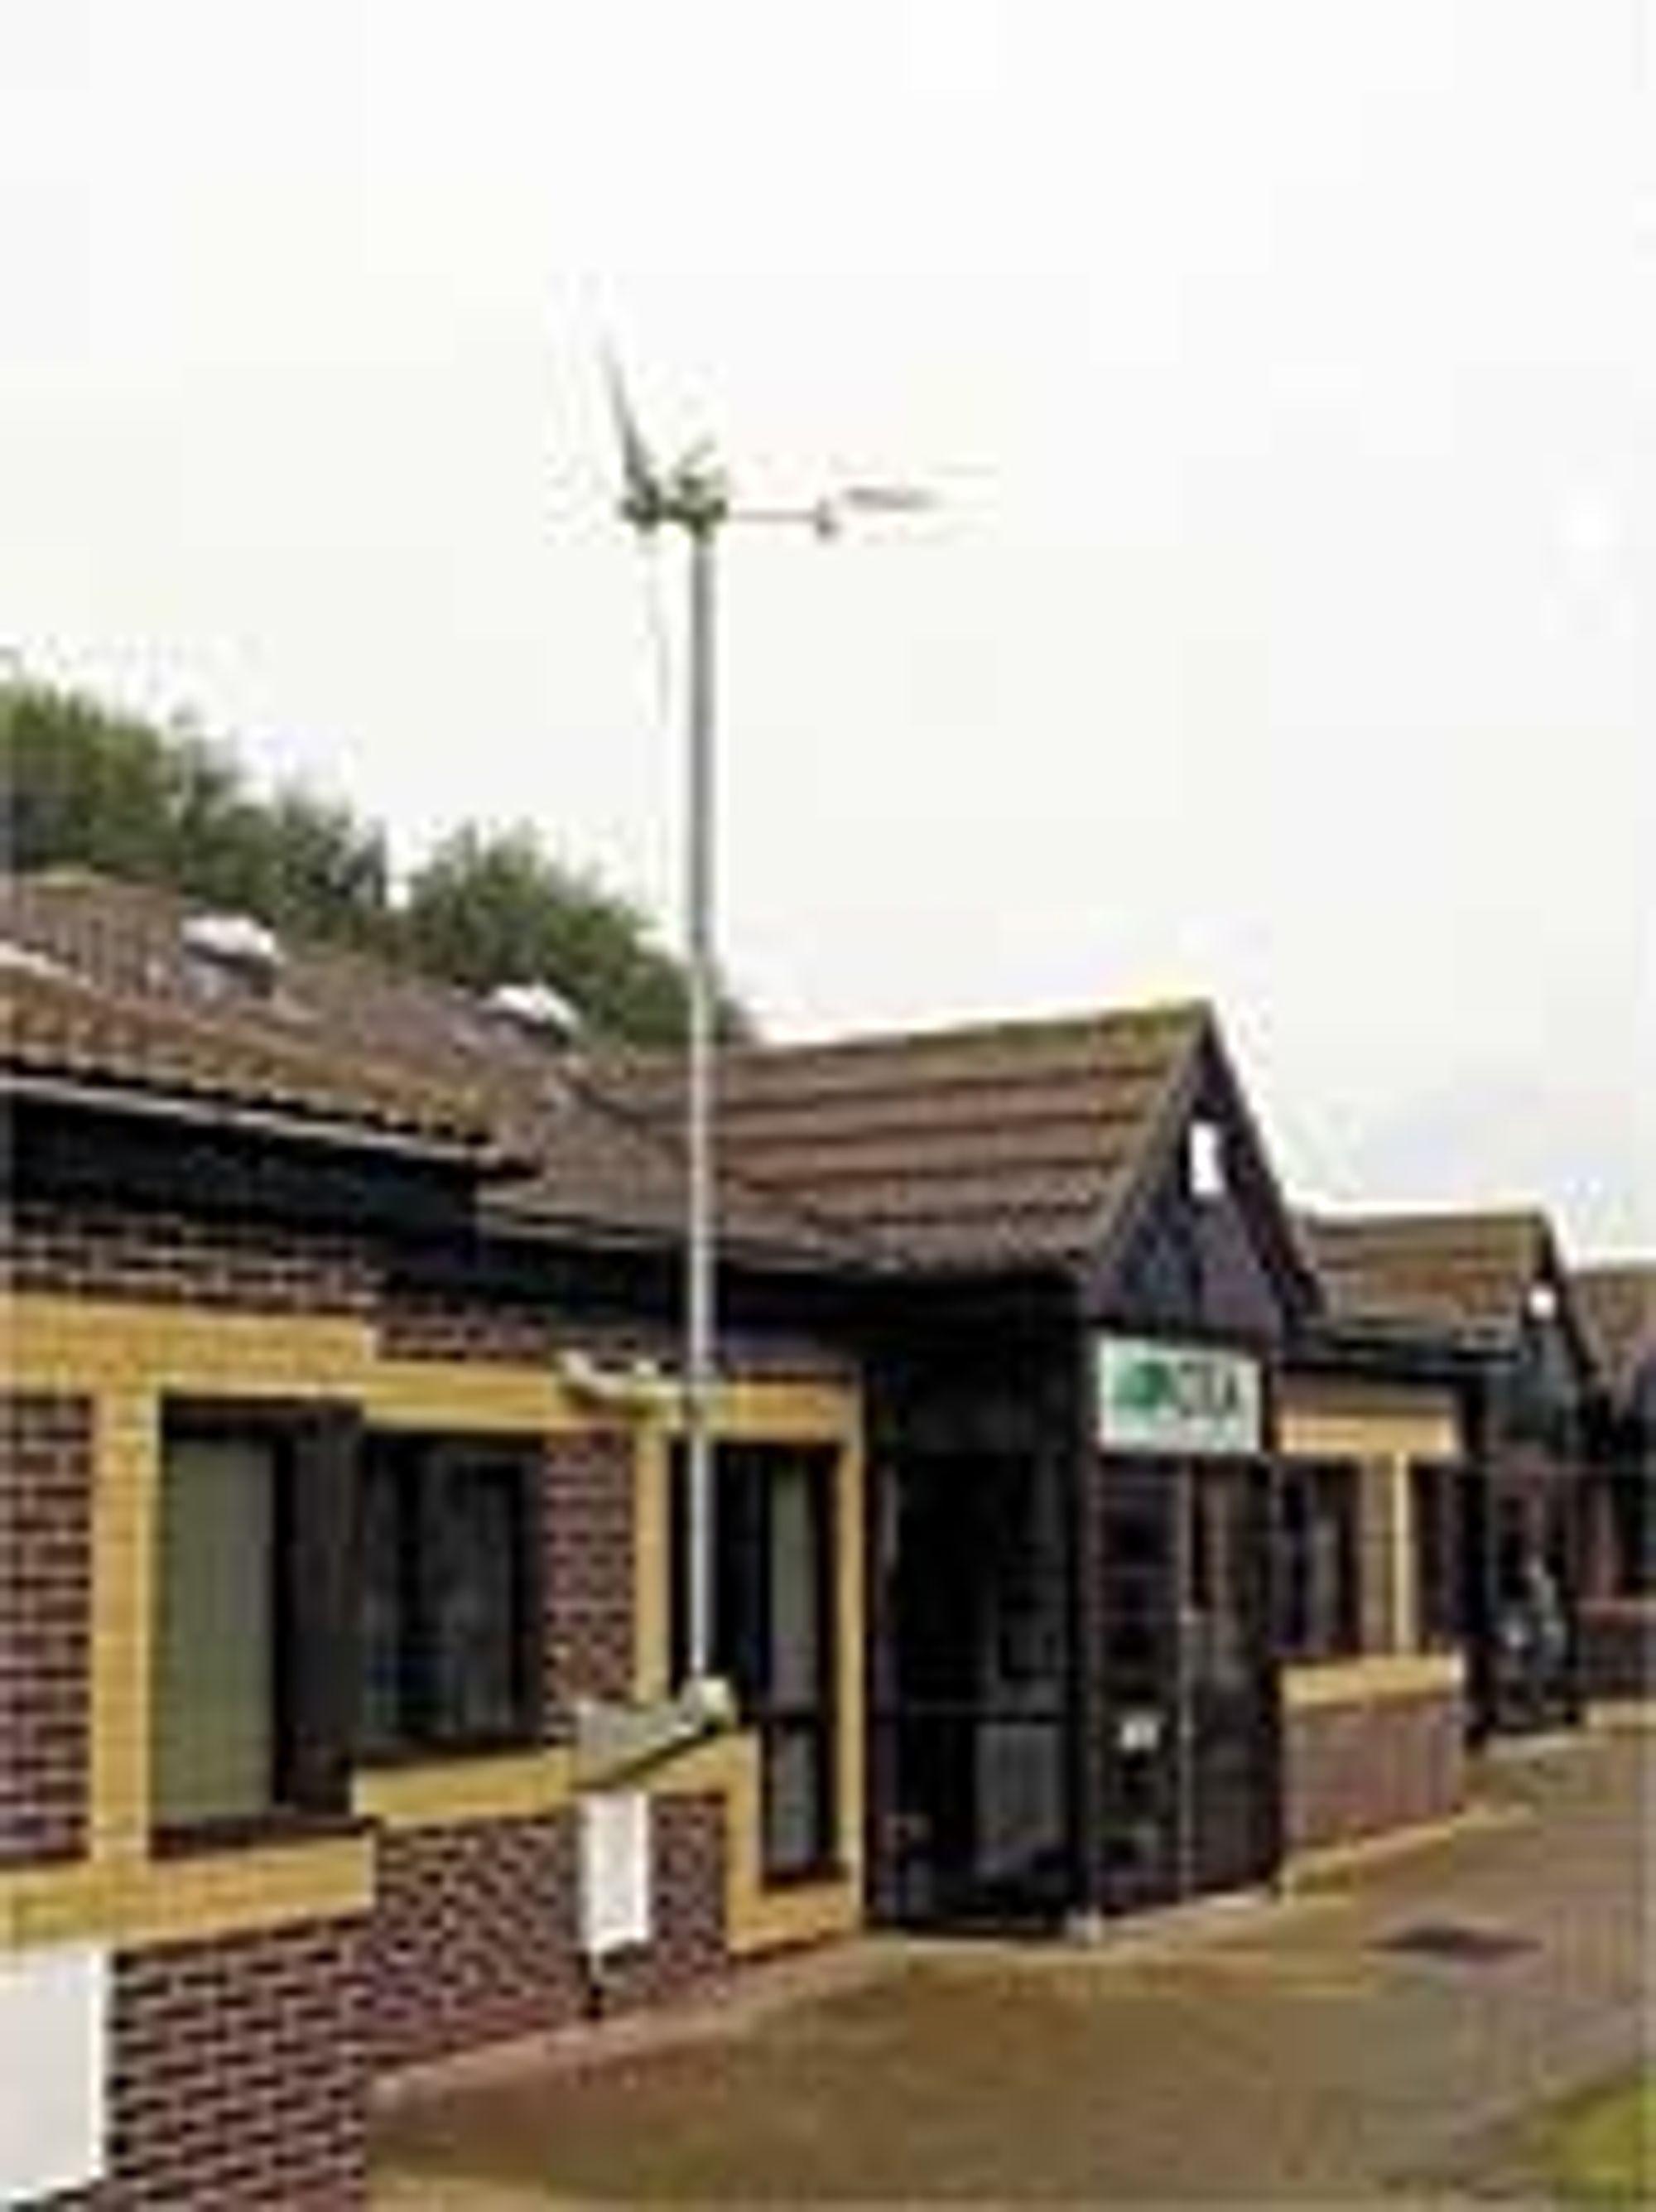 Vindturbin på taket